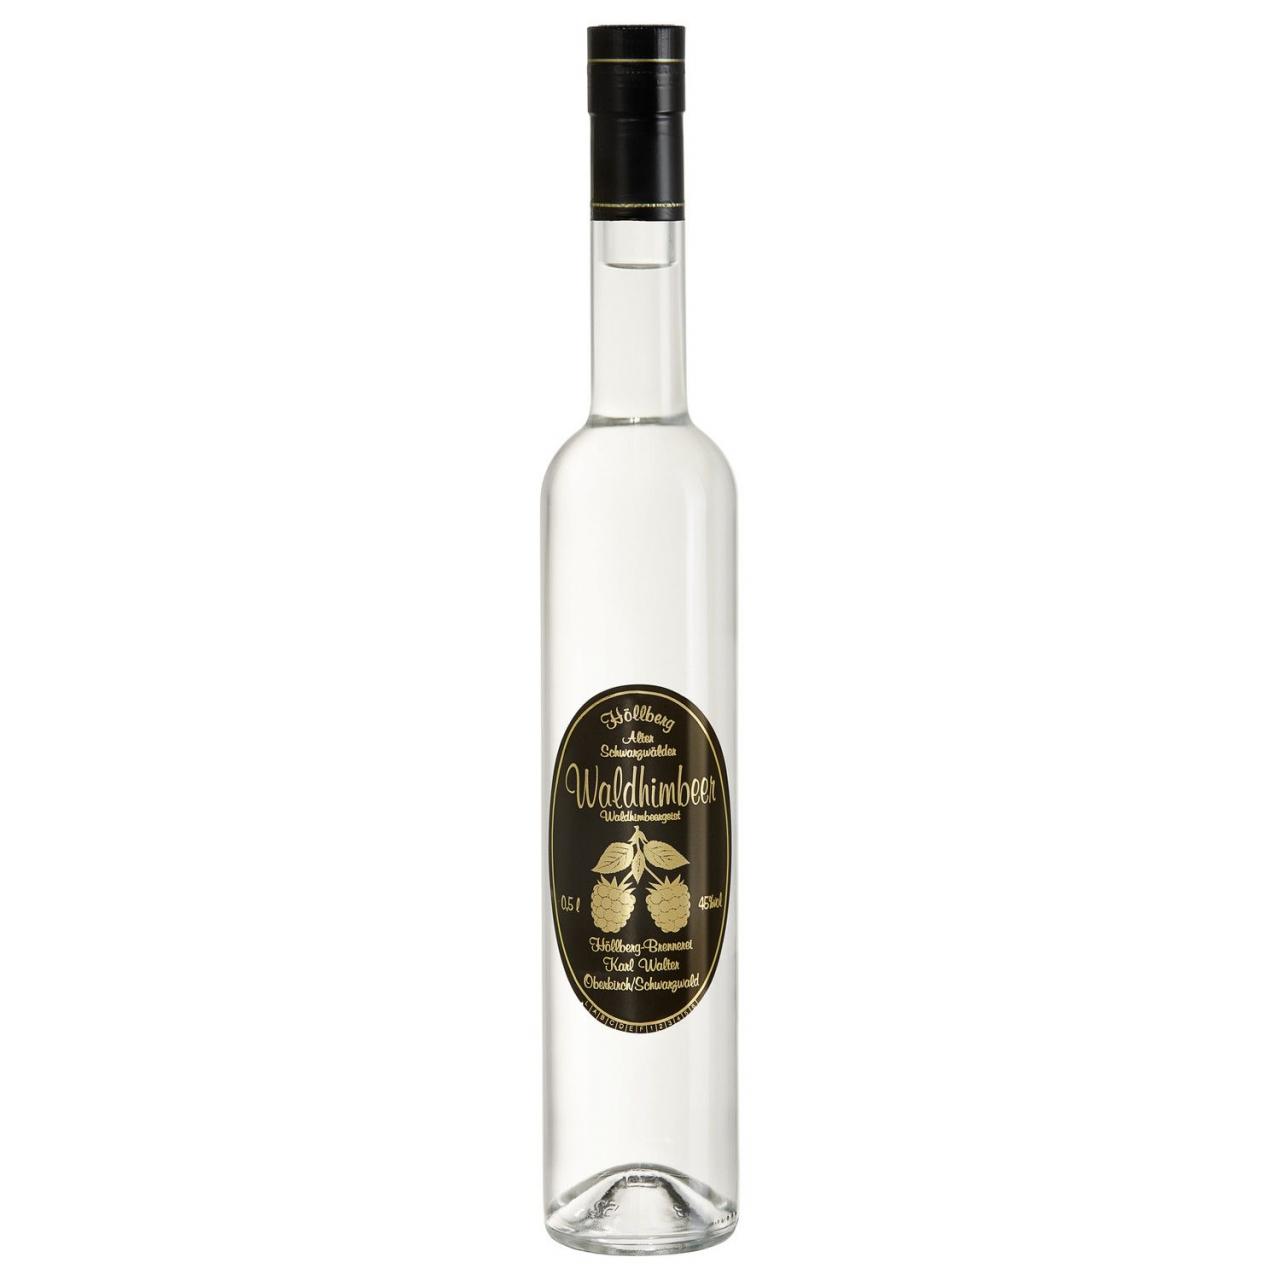 0,5 Liter Flasche Höllberg Wald Himbeere mit einem Alkoholgehalt von 45% vol.